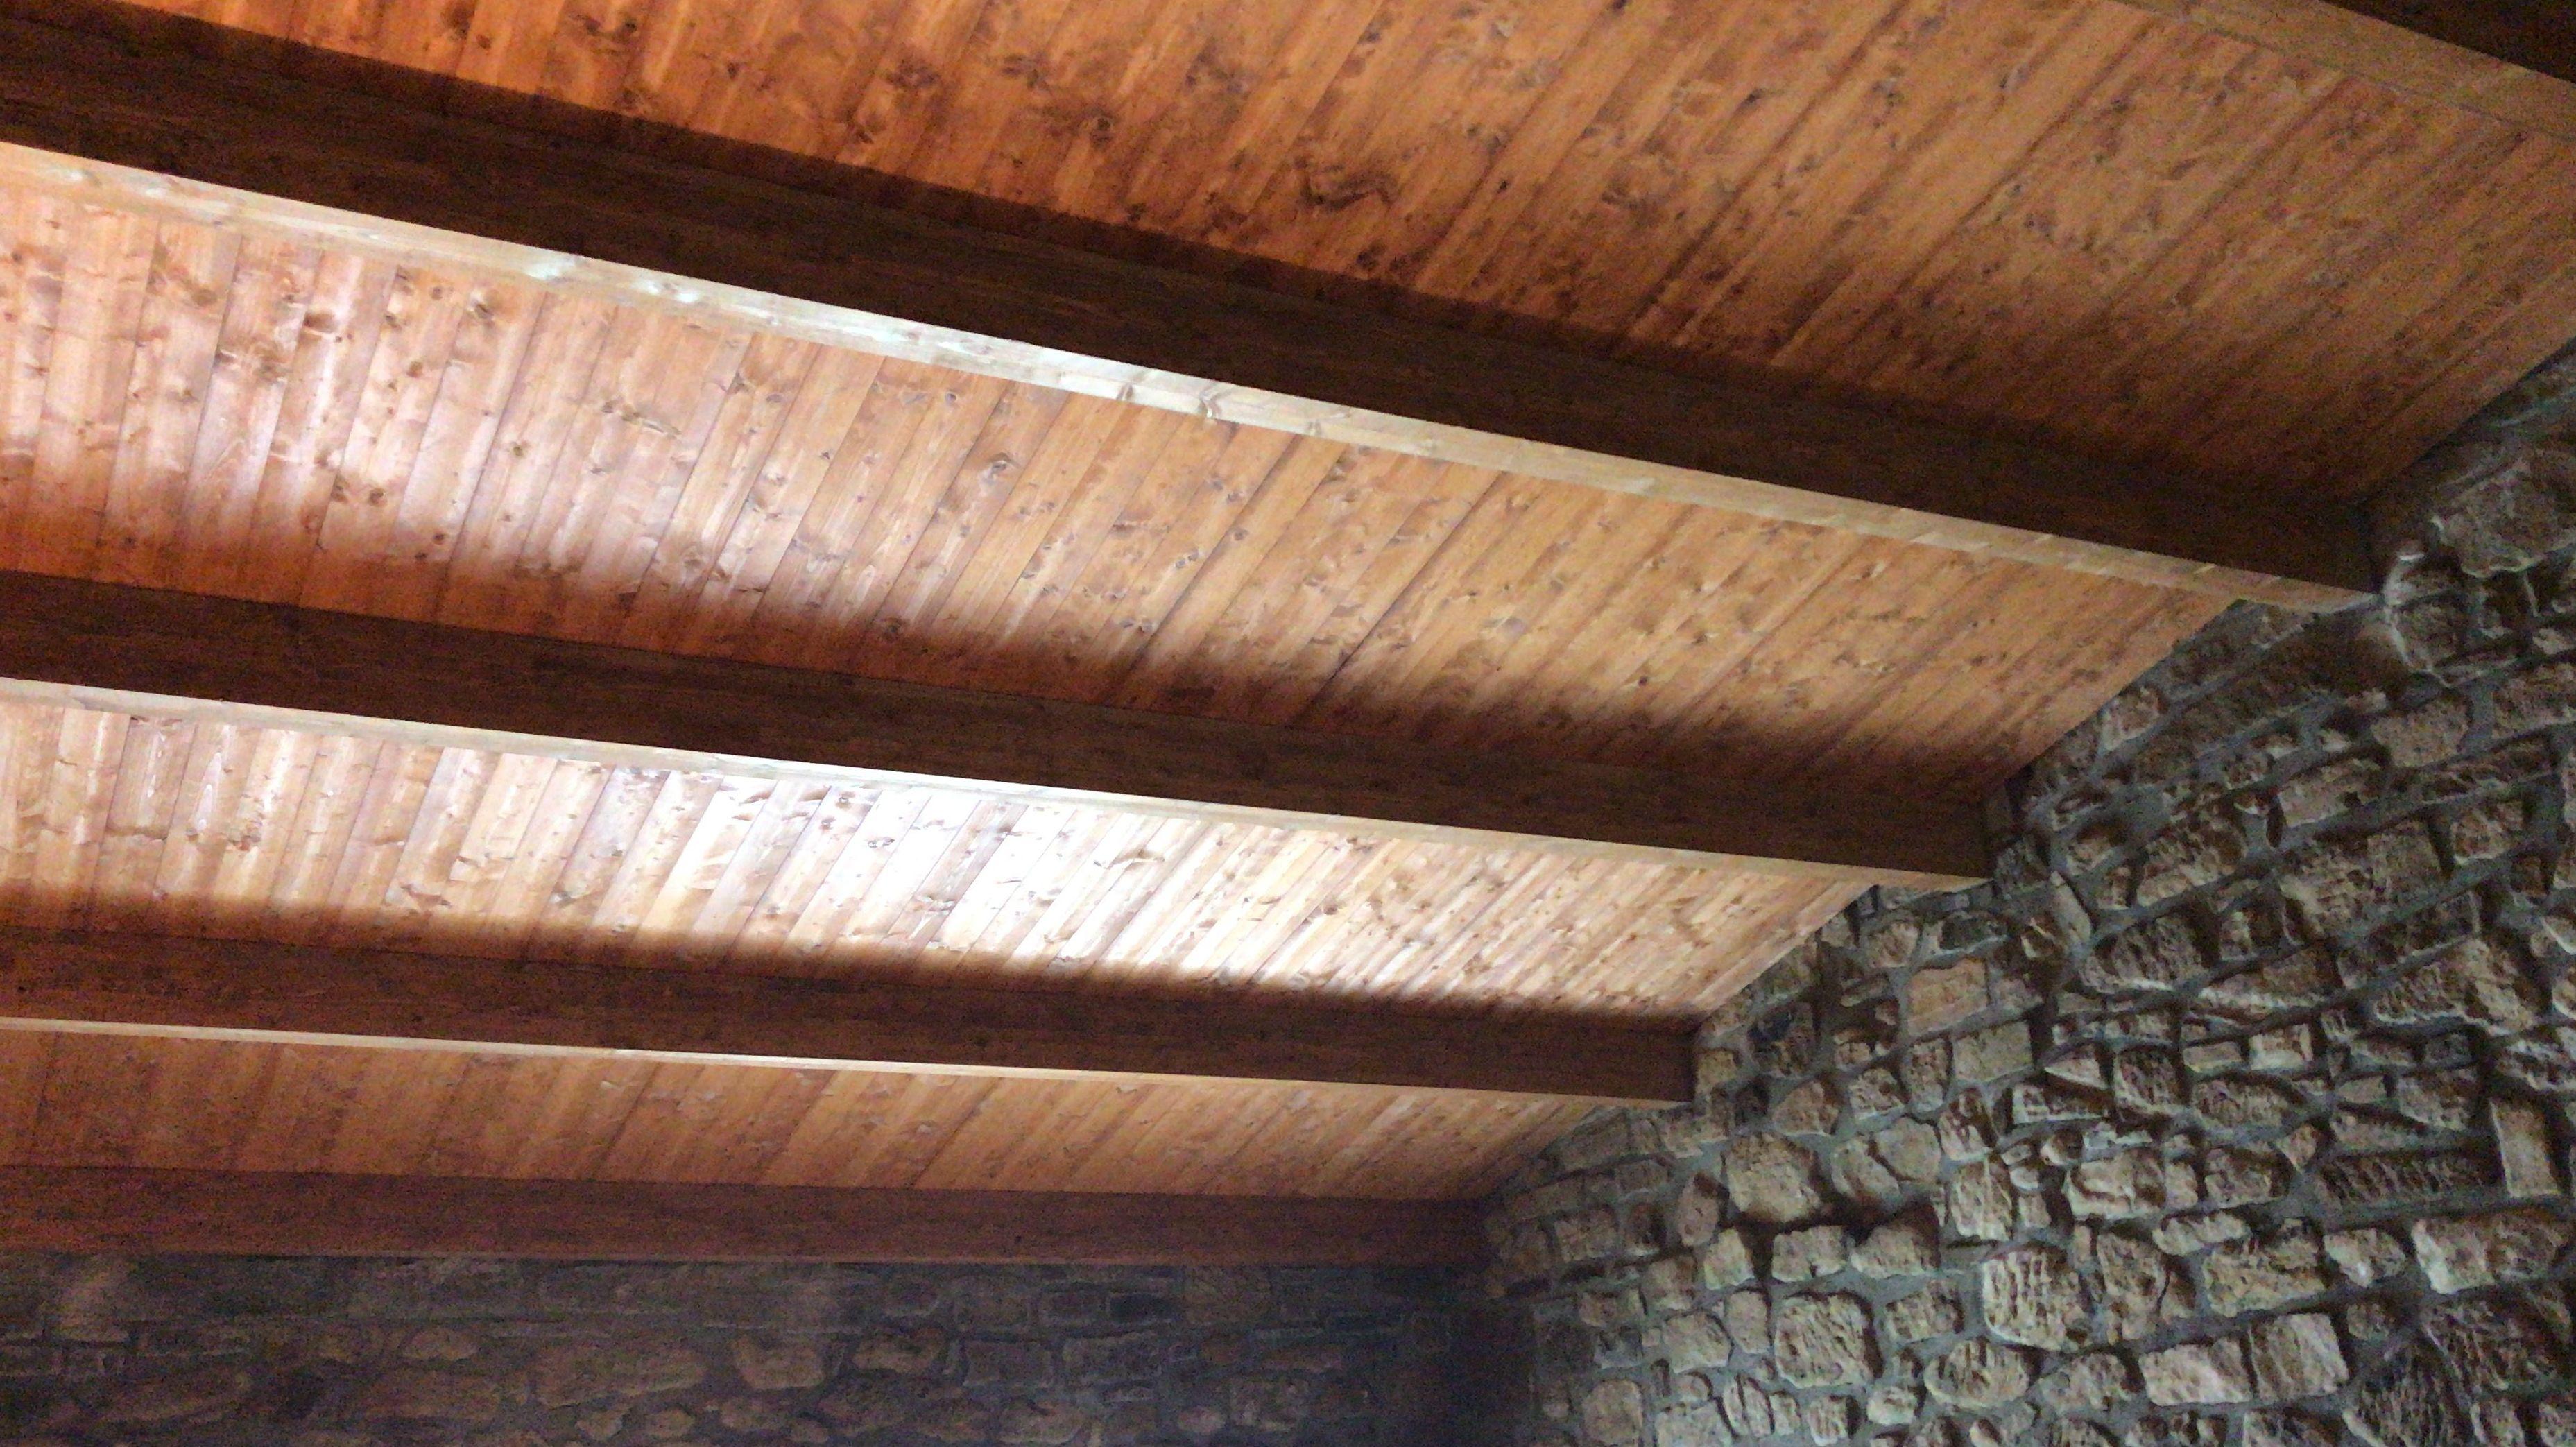 Aislamiento con panel sándwich y Decoracion con madera en bodegas